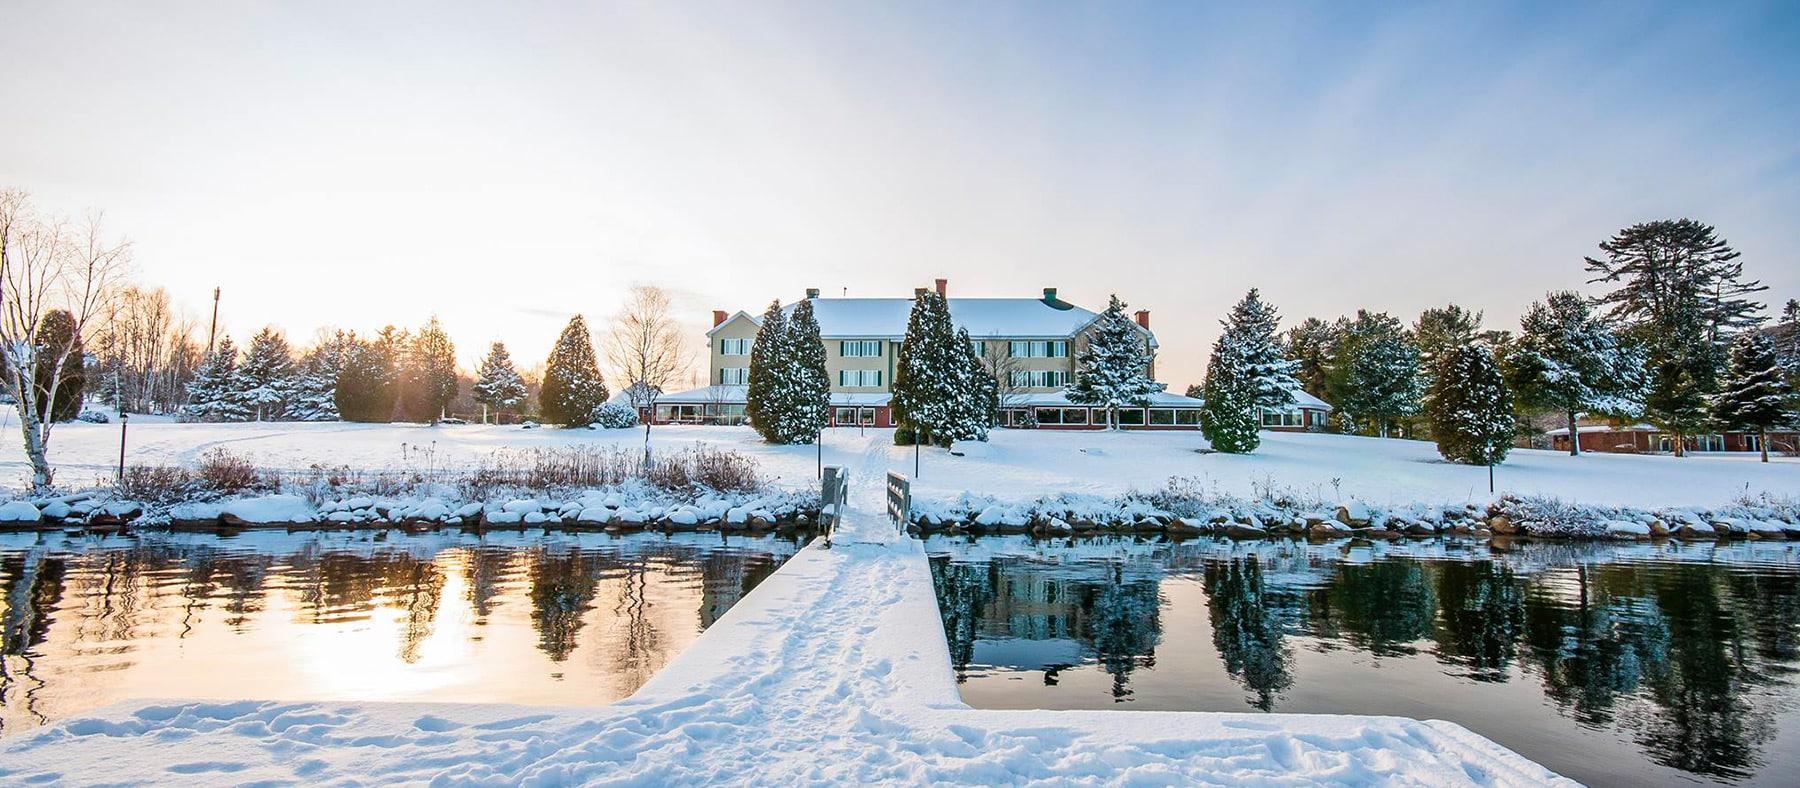 auberge-du-lac-a-leau-claire-adresses-hiver-mauricie-lanaudiere-quebec-le-mag